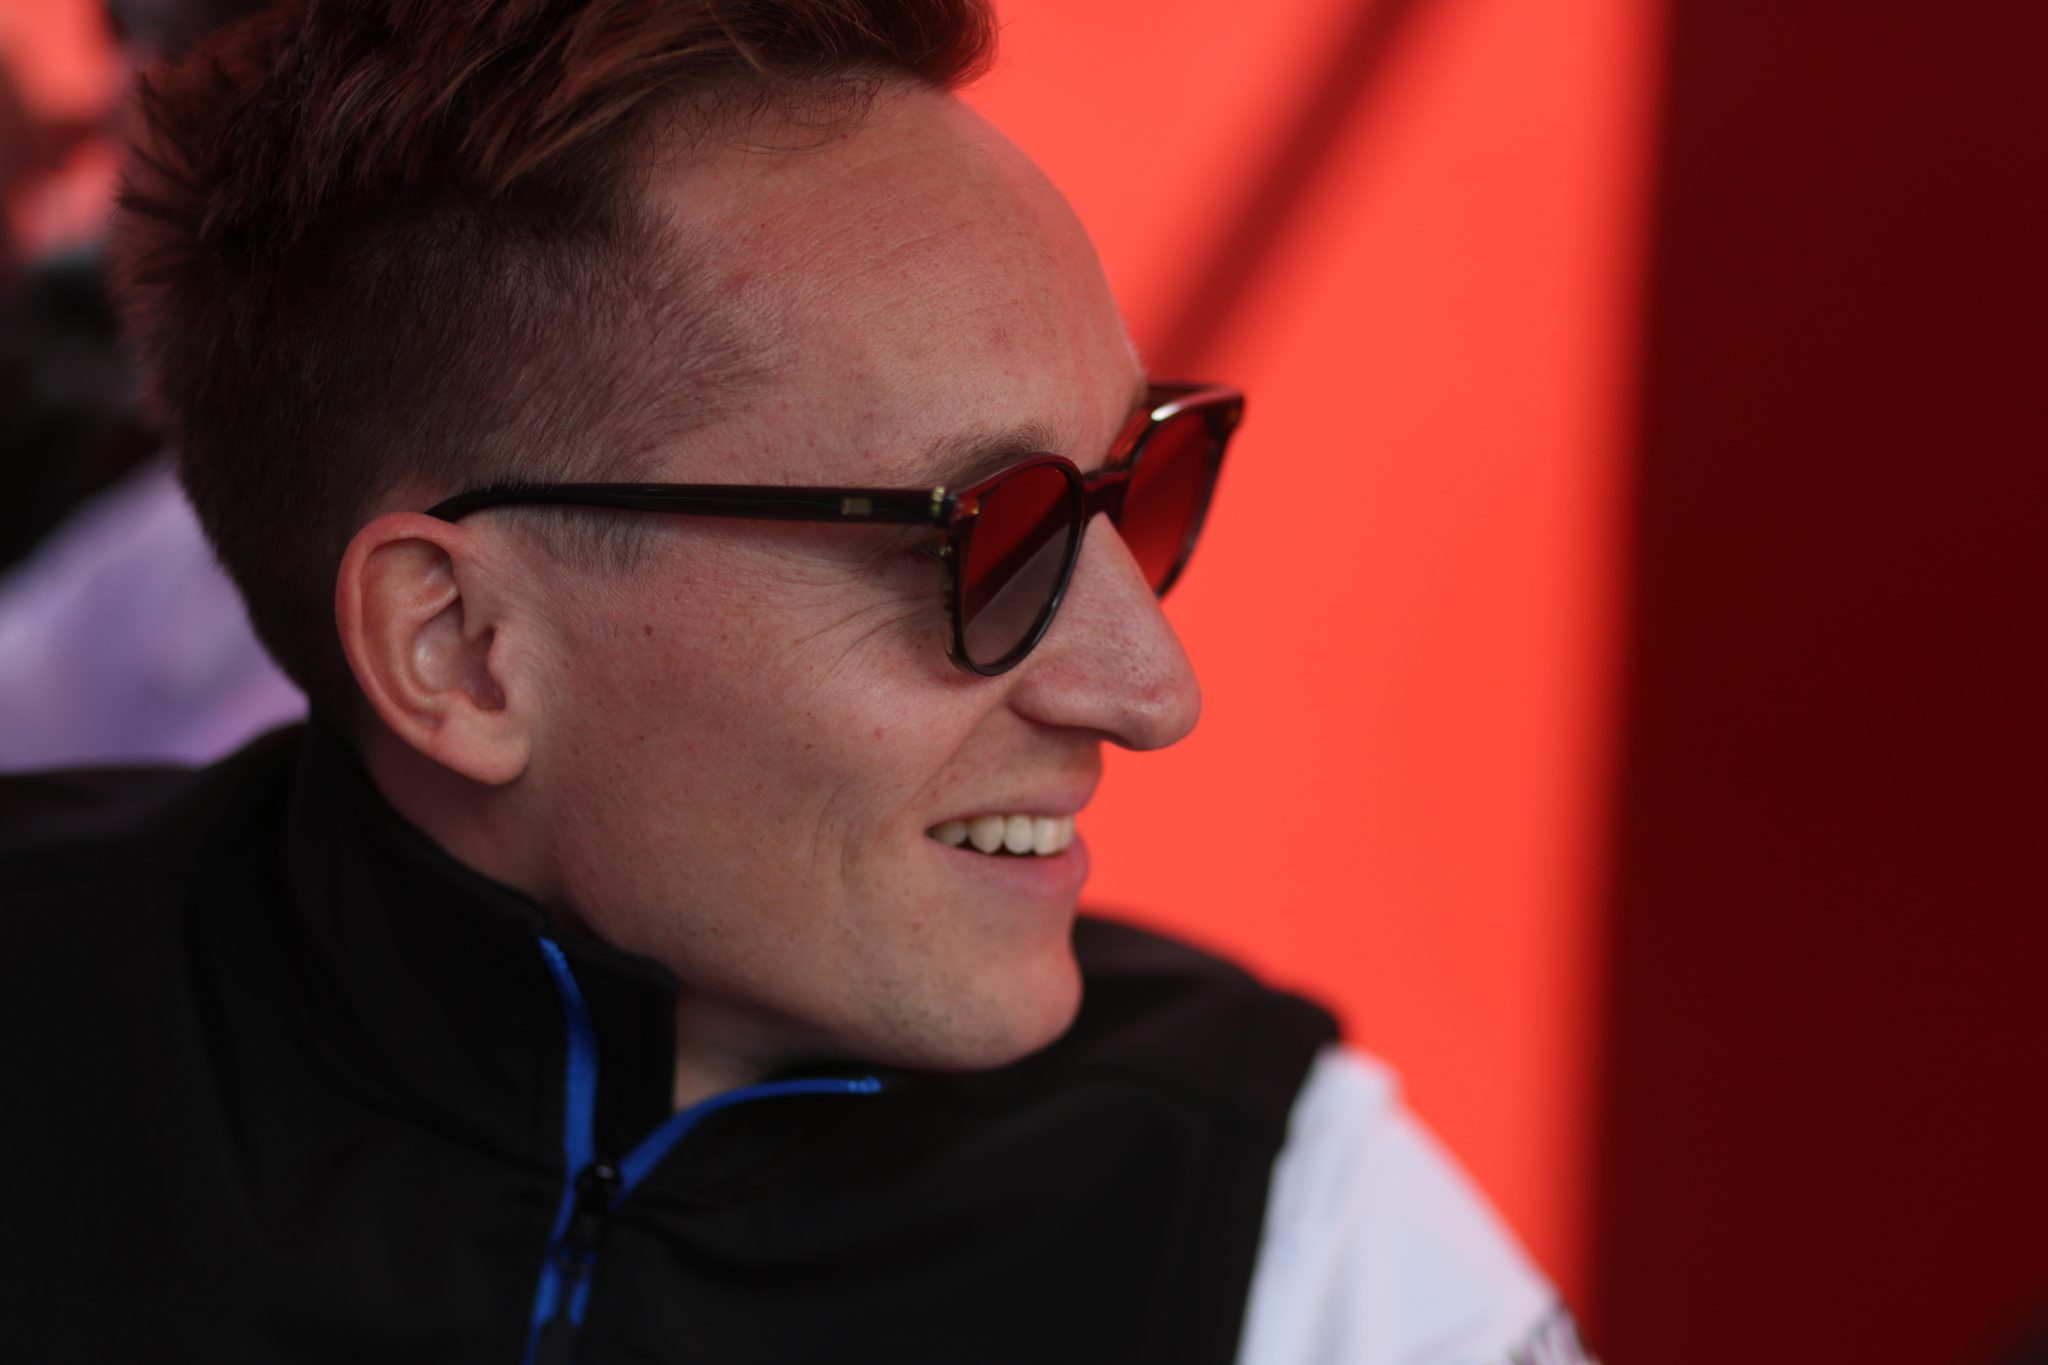 Renger van der Zande joins Chip Ganassi Racing for 2021 IMSA programme